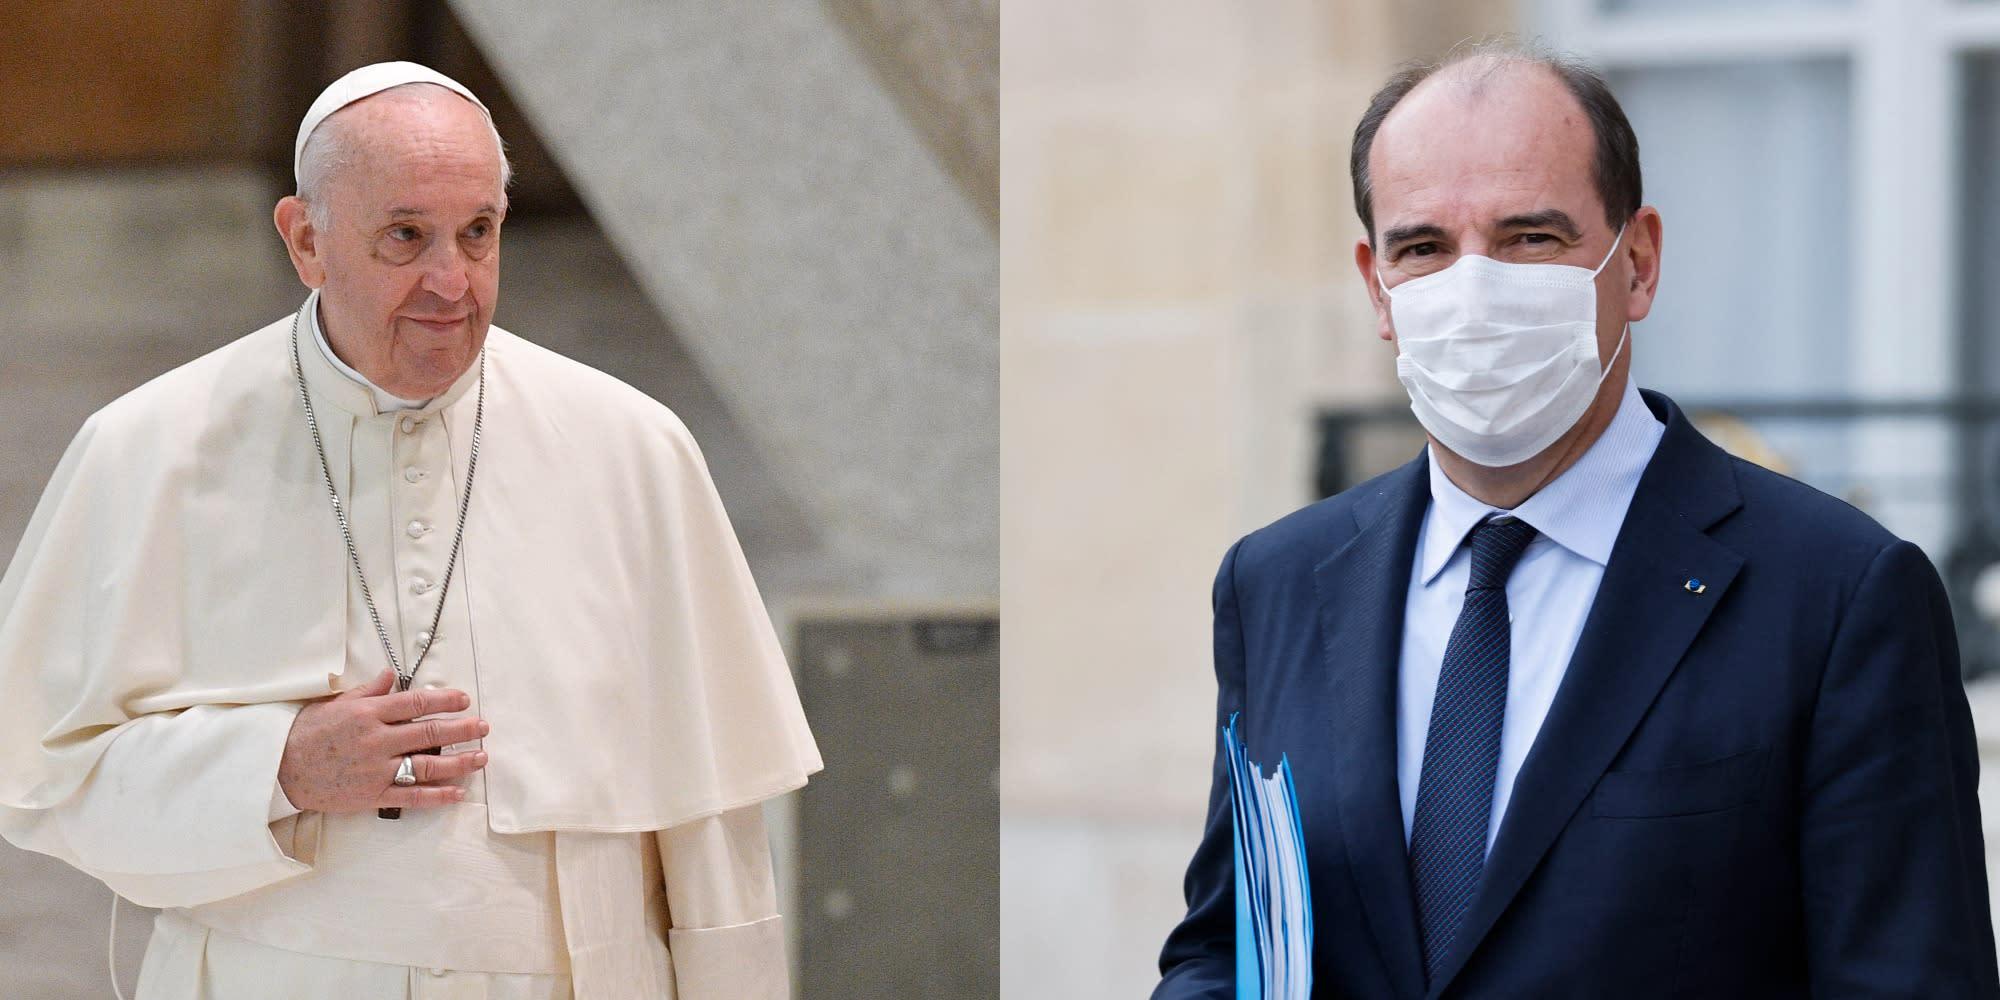 """Pédocriminalité : le Pape François """"se réjouit"""" de l'action de la France, affirme Castex"""